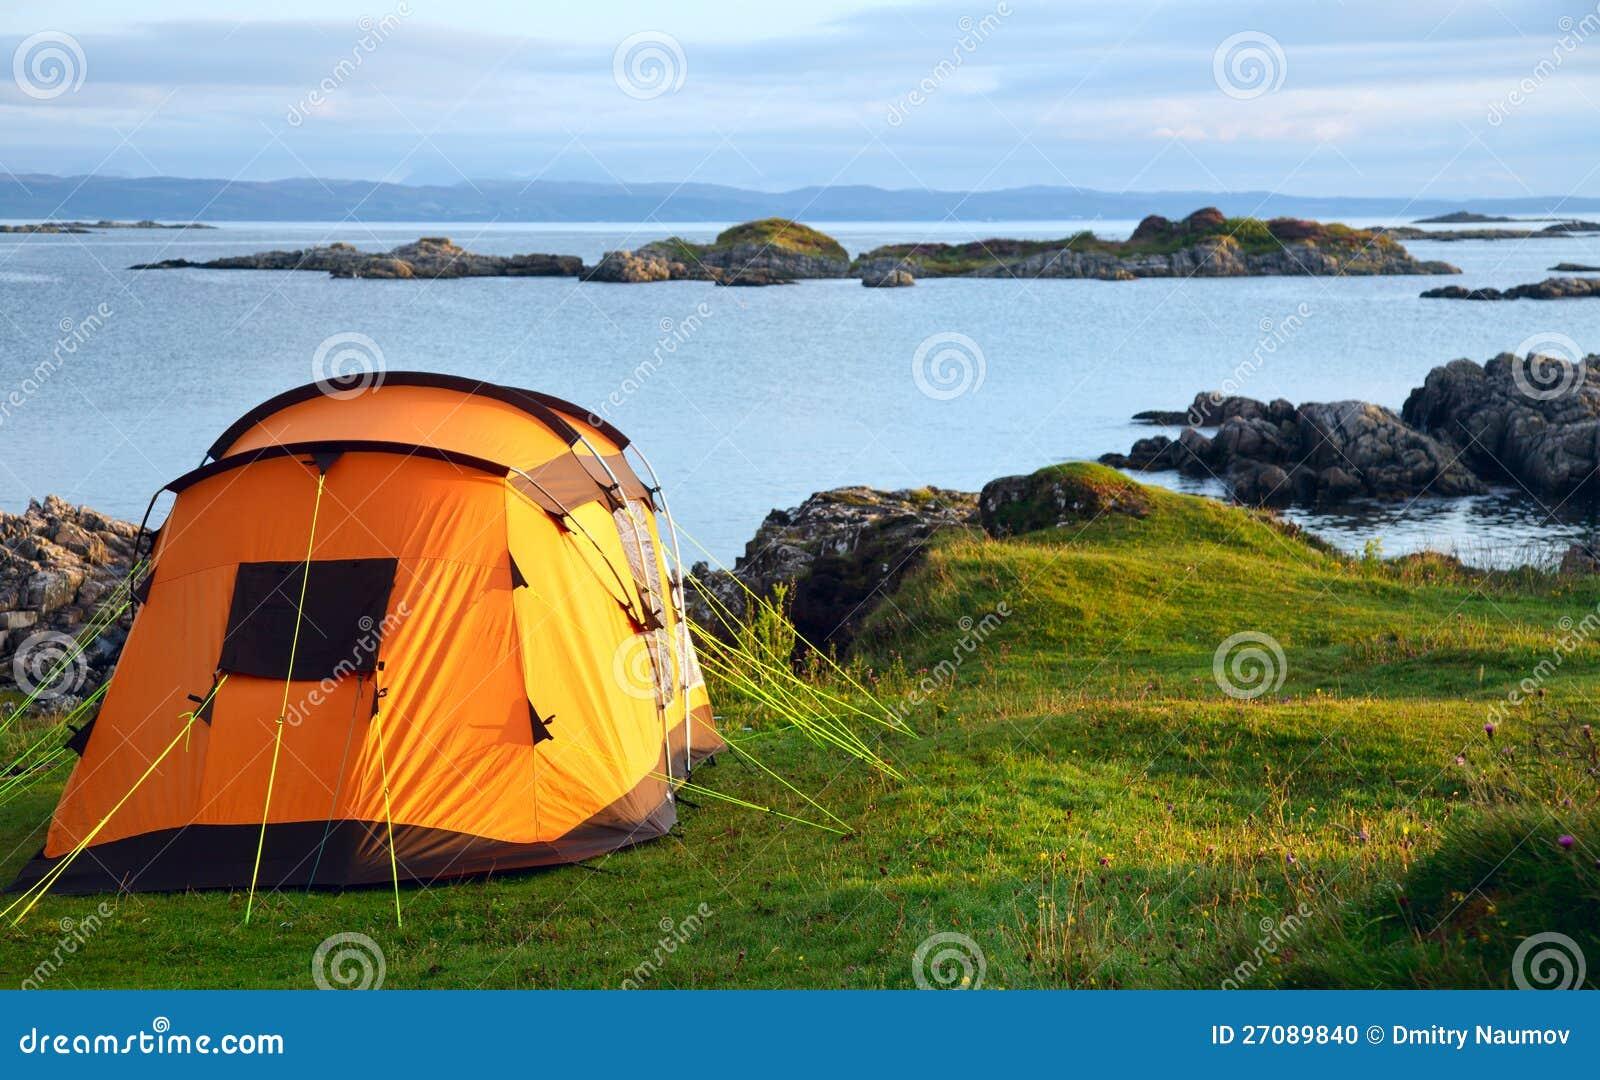 Kampierendes Zelt auf Ozeanufer